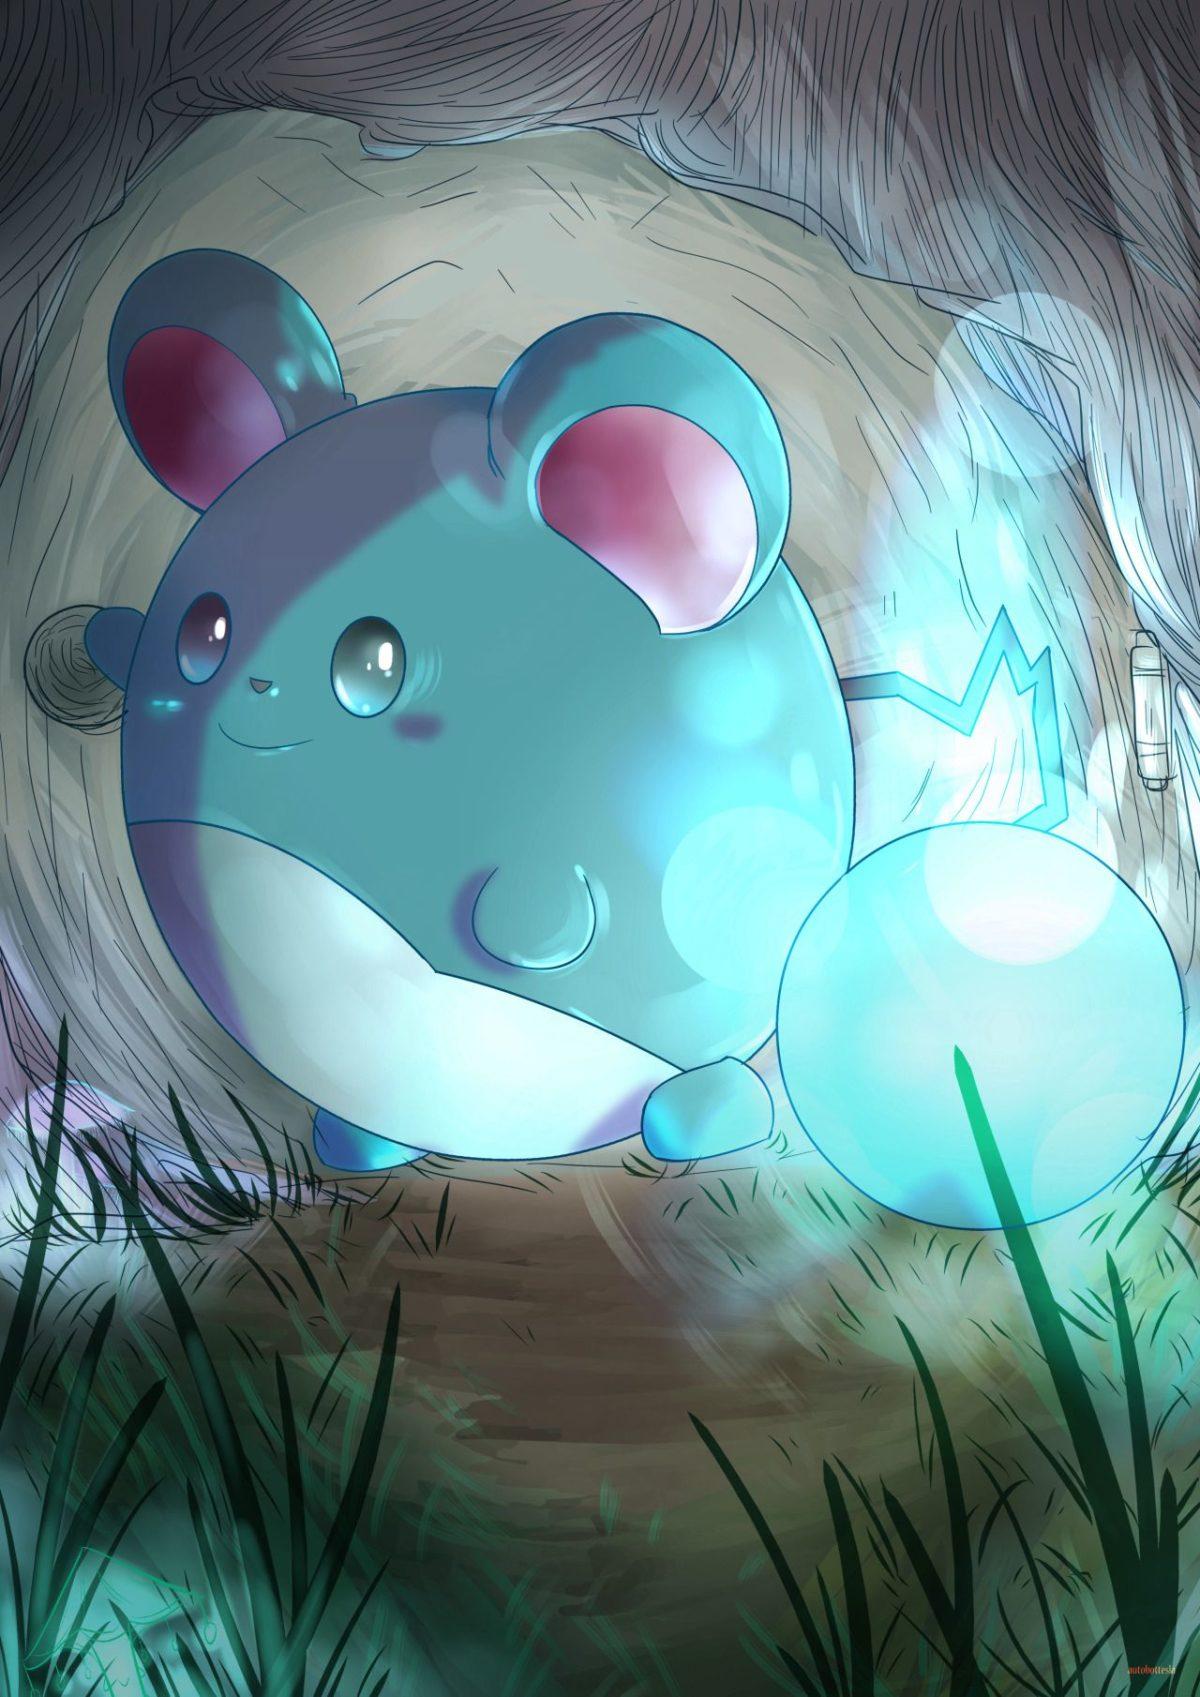 Marill | pokemon | Pinterest | Pokémon, Pokemon photo and Anime